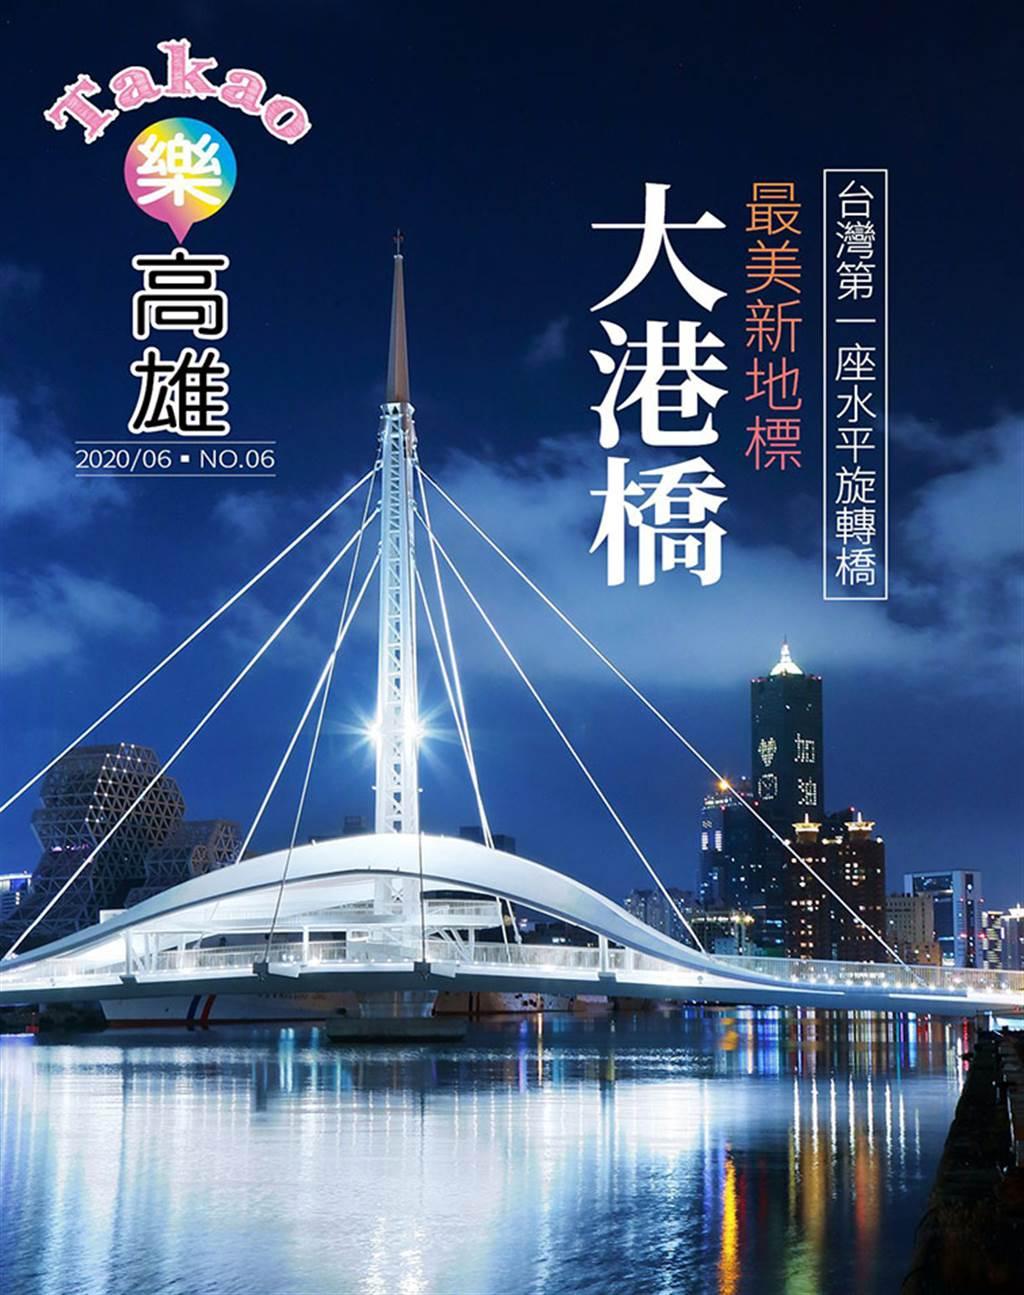 《Takao樂高雄》2020/06 NO.06